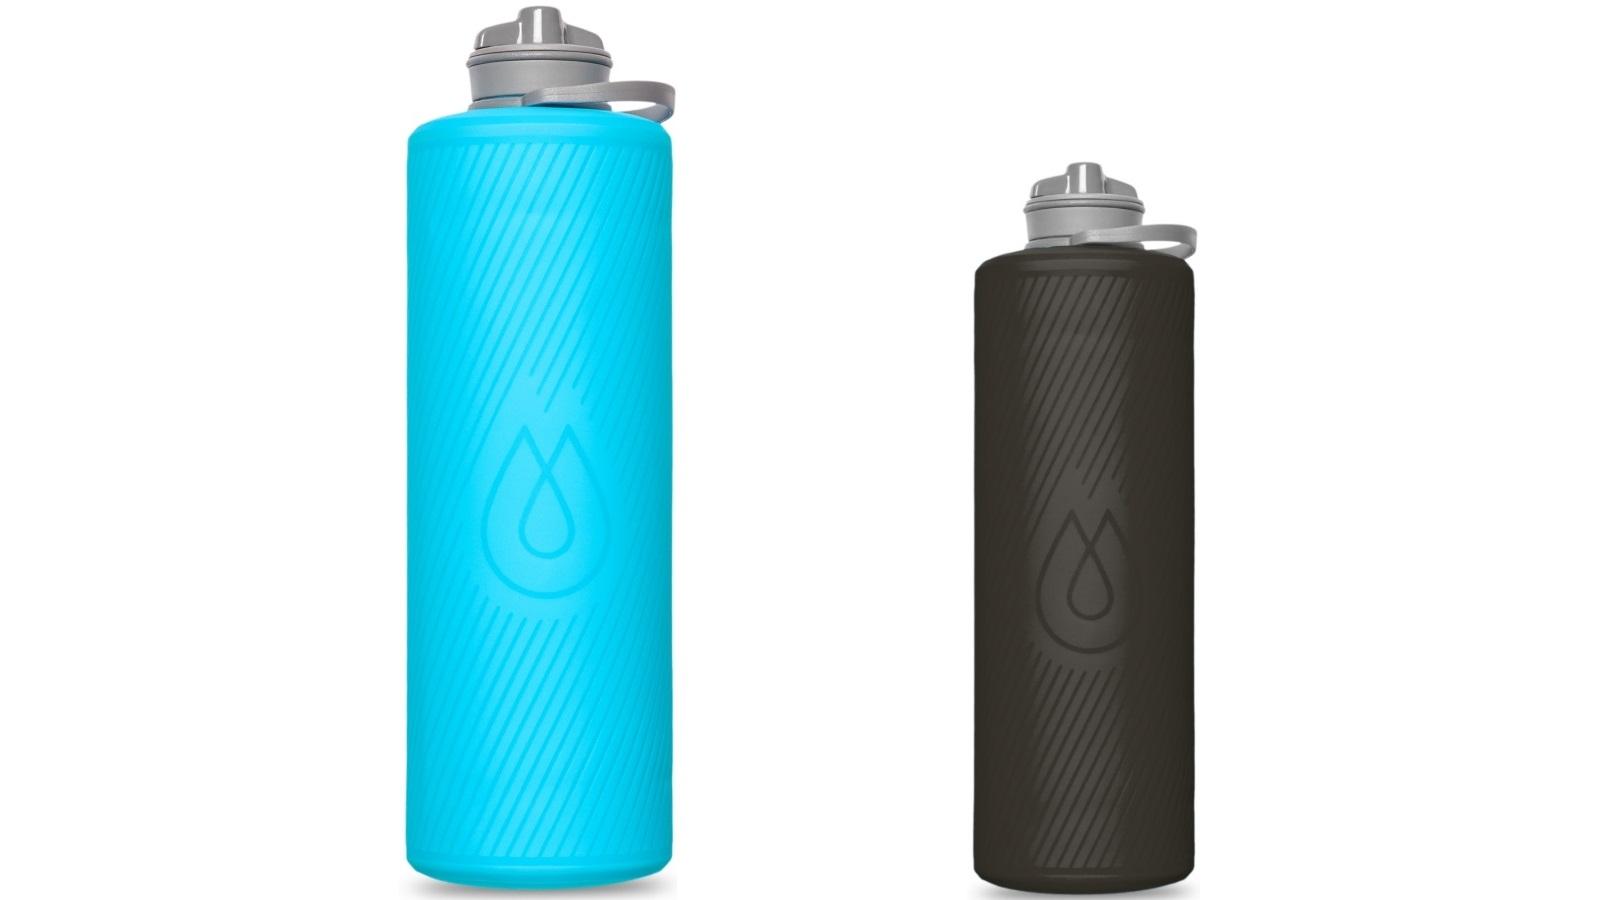 Stowable-Hydration-HydraPaks-Flux-Flexible-Bottle-two-sizes